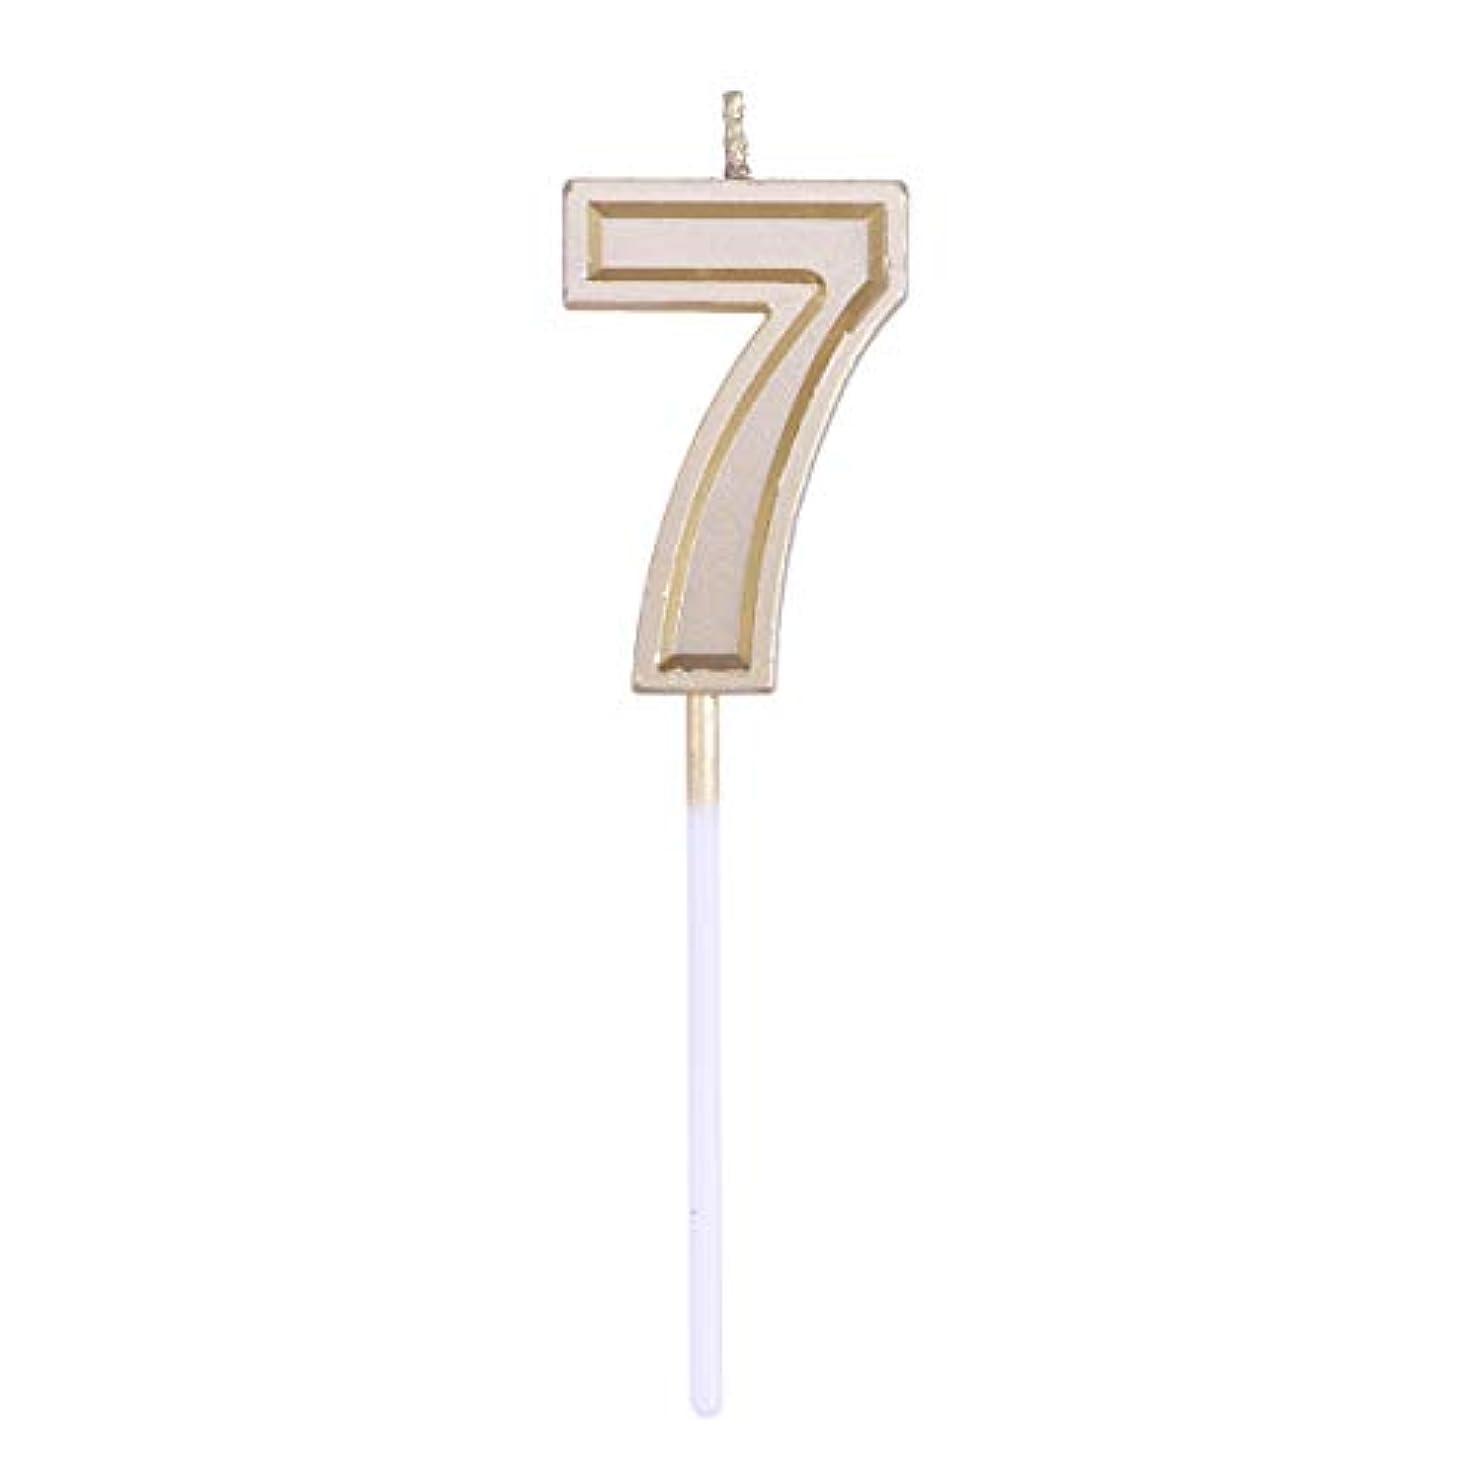 原始的なうまくやる()メーカーToyvian ゴールドラメ誕生日おめでとう数字キャンドル番号キャンドルケーキトッパー装飾用大人キッズパーティー(番号7)